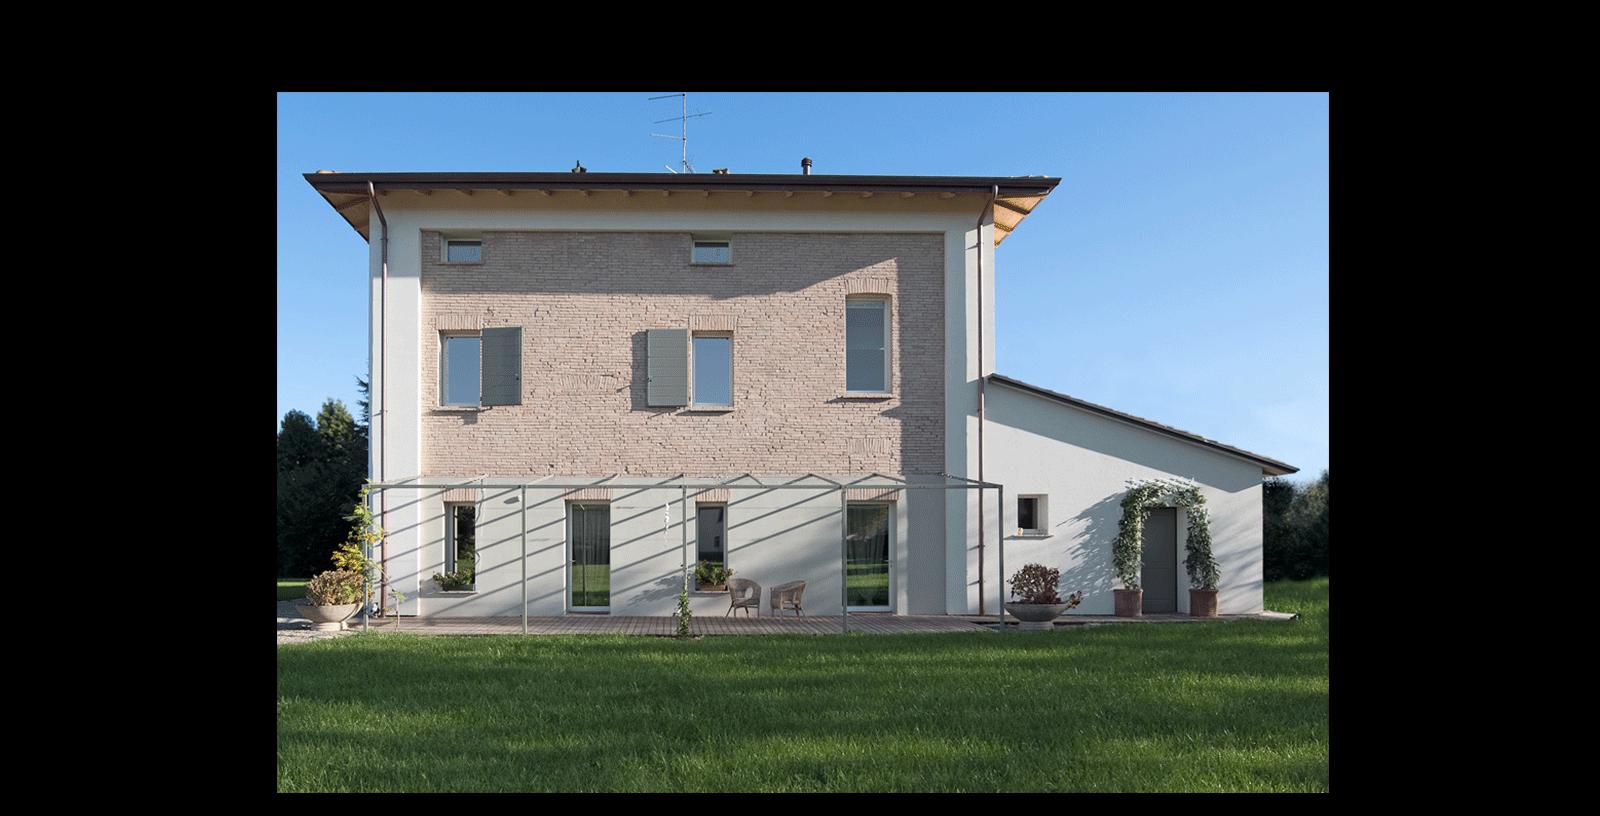 Villa barbara una ristrutturazione di una casa di - Ristrutturazione casa campagna ...